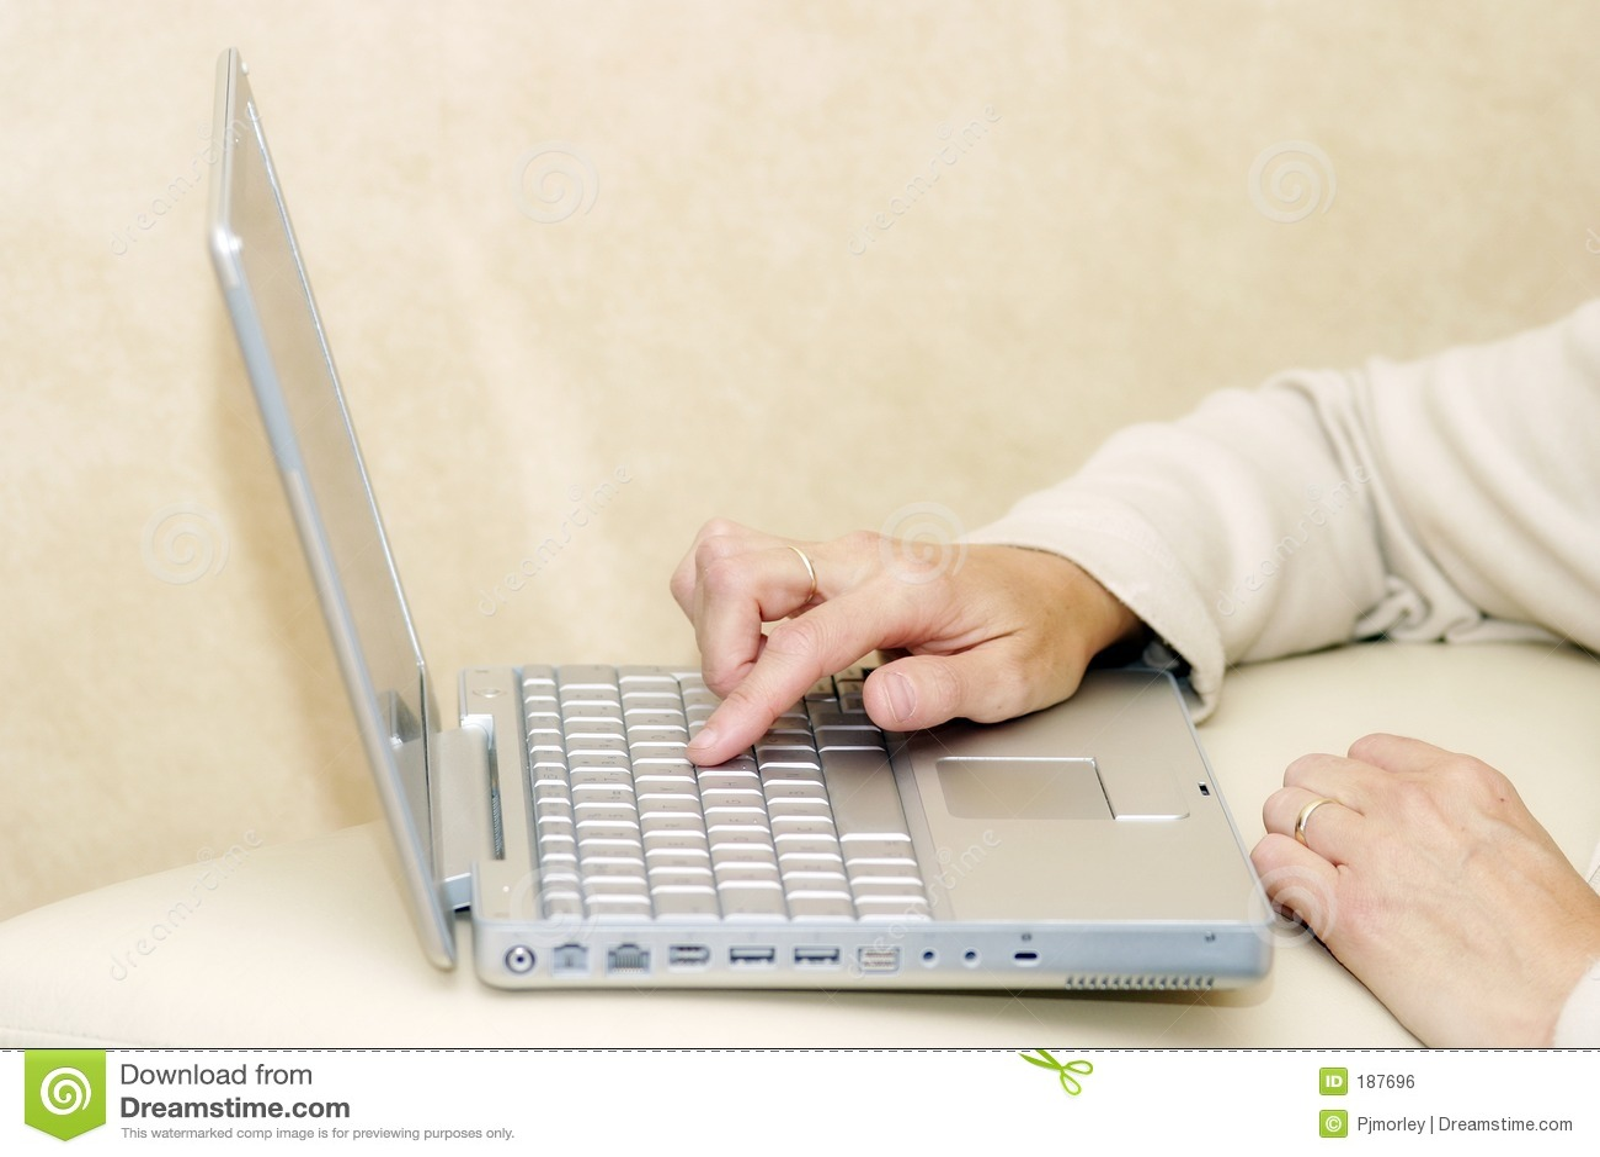 Usando una computadora portátil